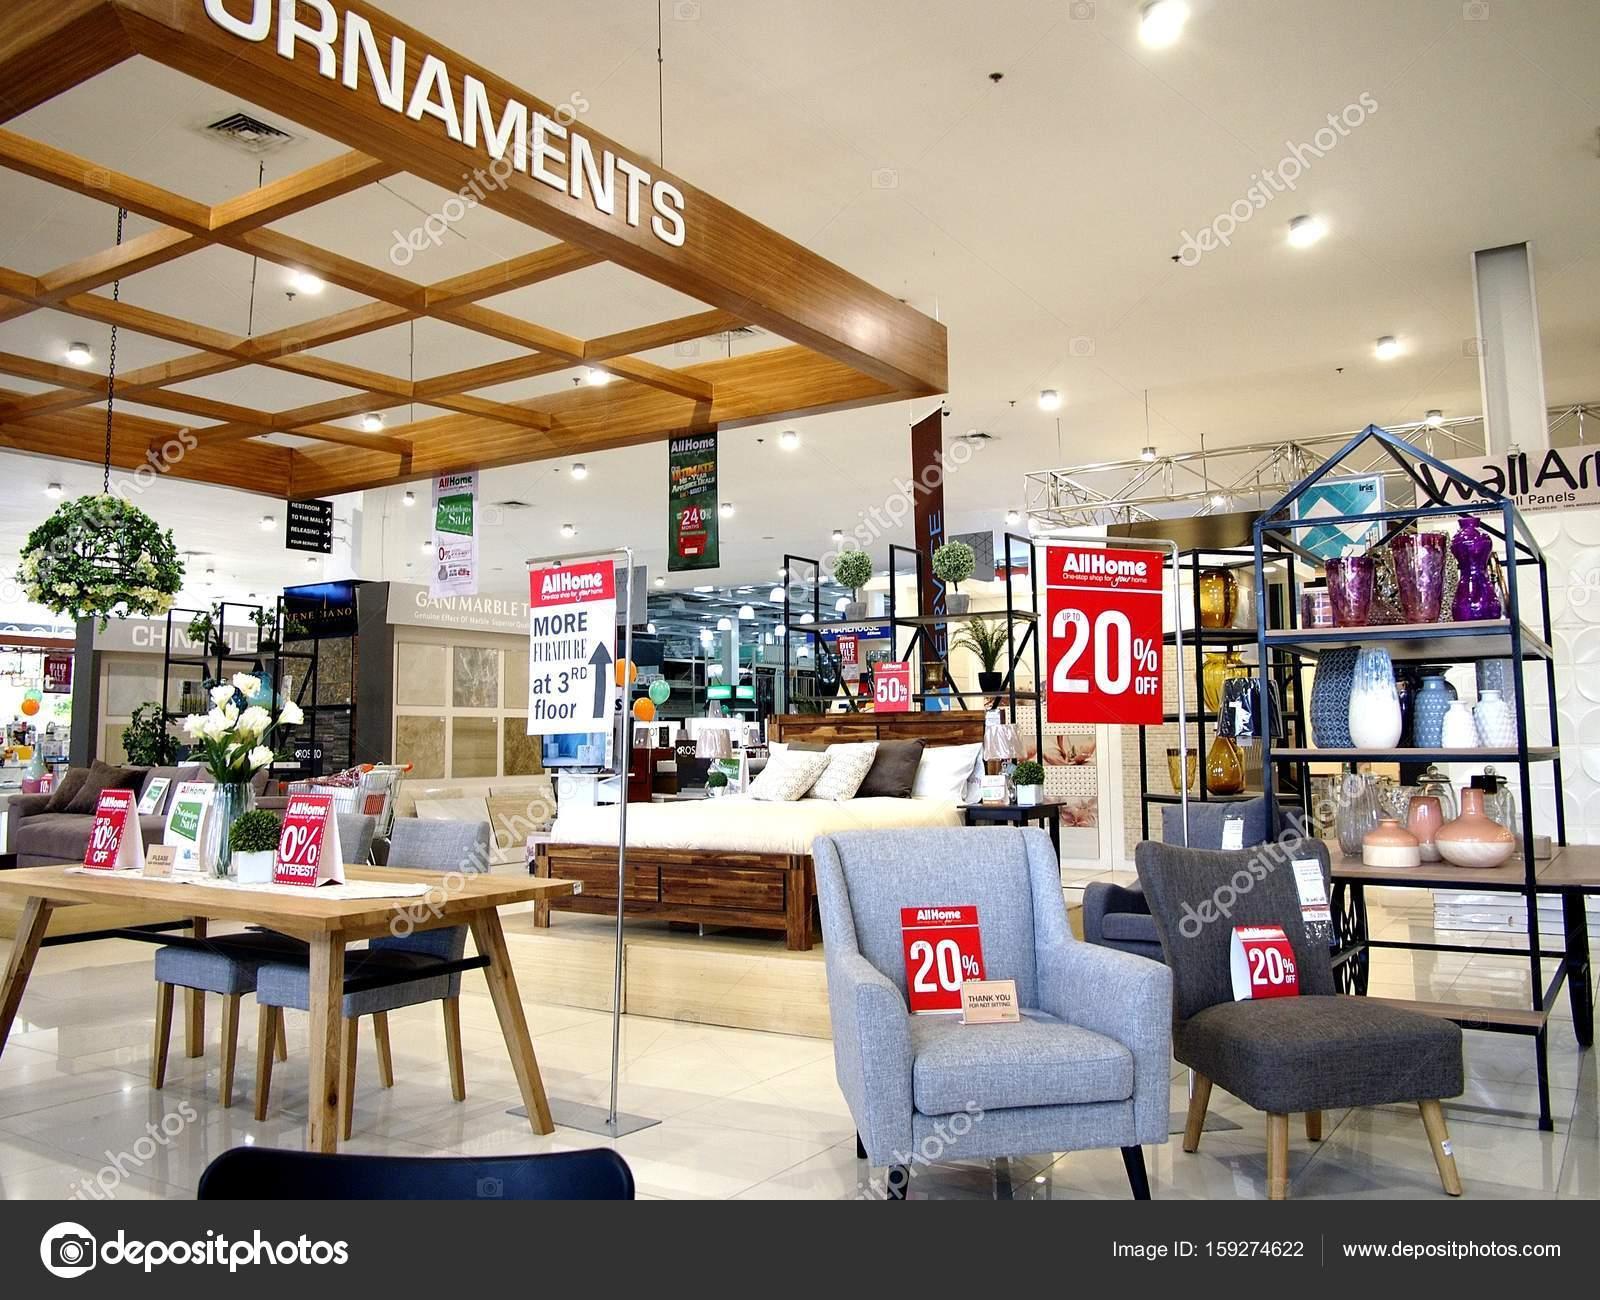 juli 2017 eine vielzahl von mobeln und dekor auf dem display in einem hause geschaft bereit vom kunden abgeholt foto von junpinzon